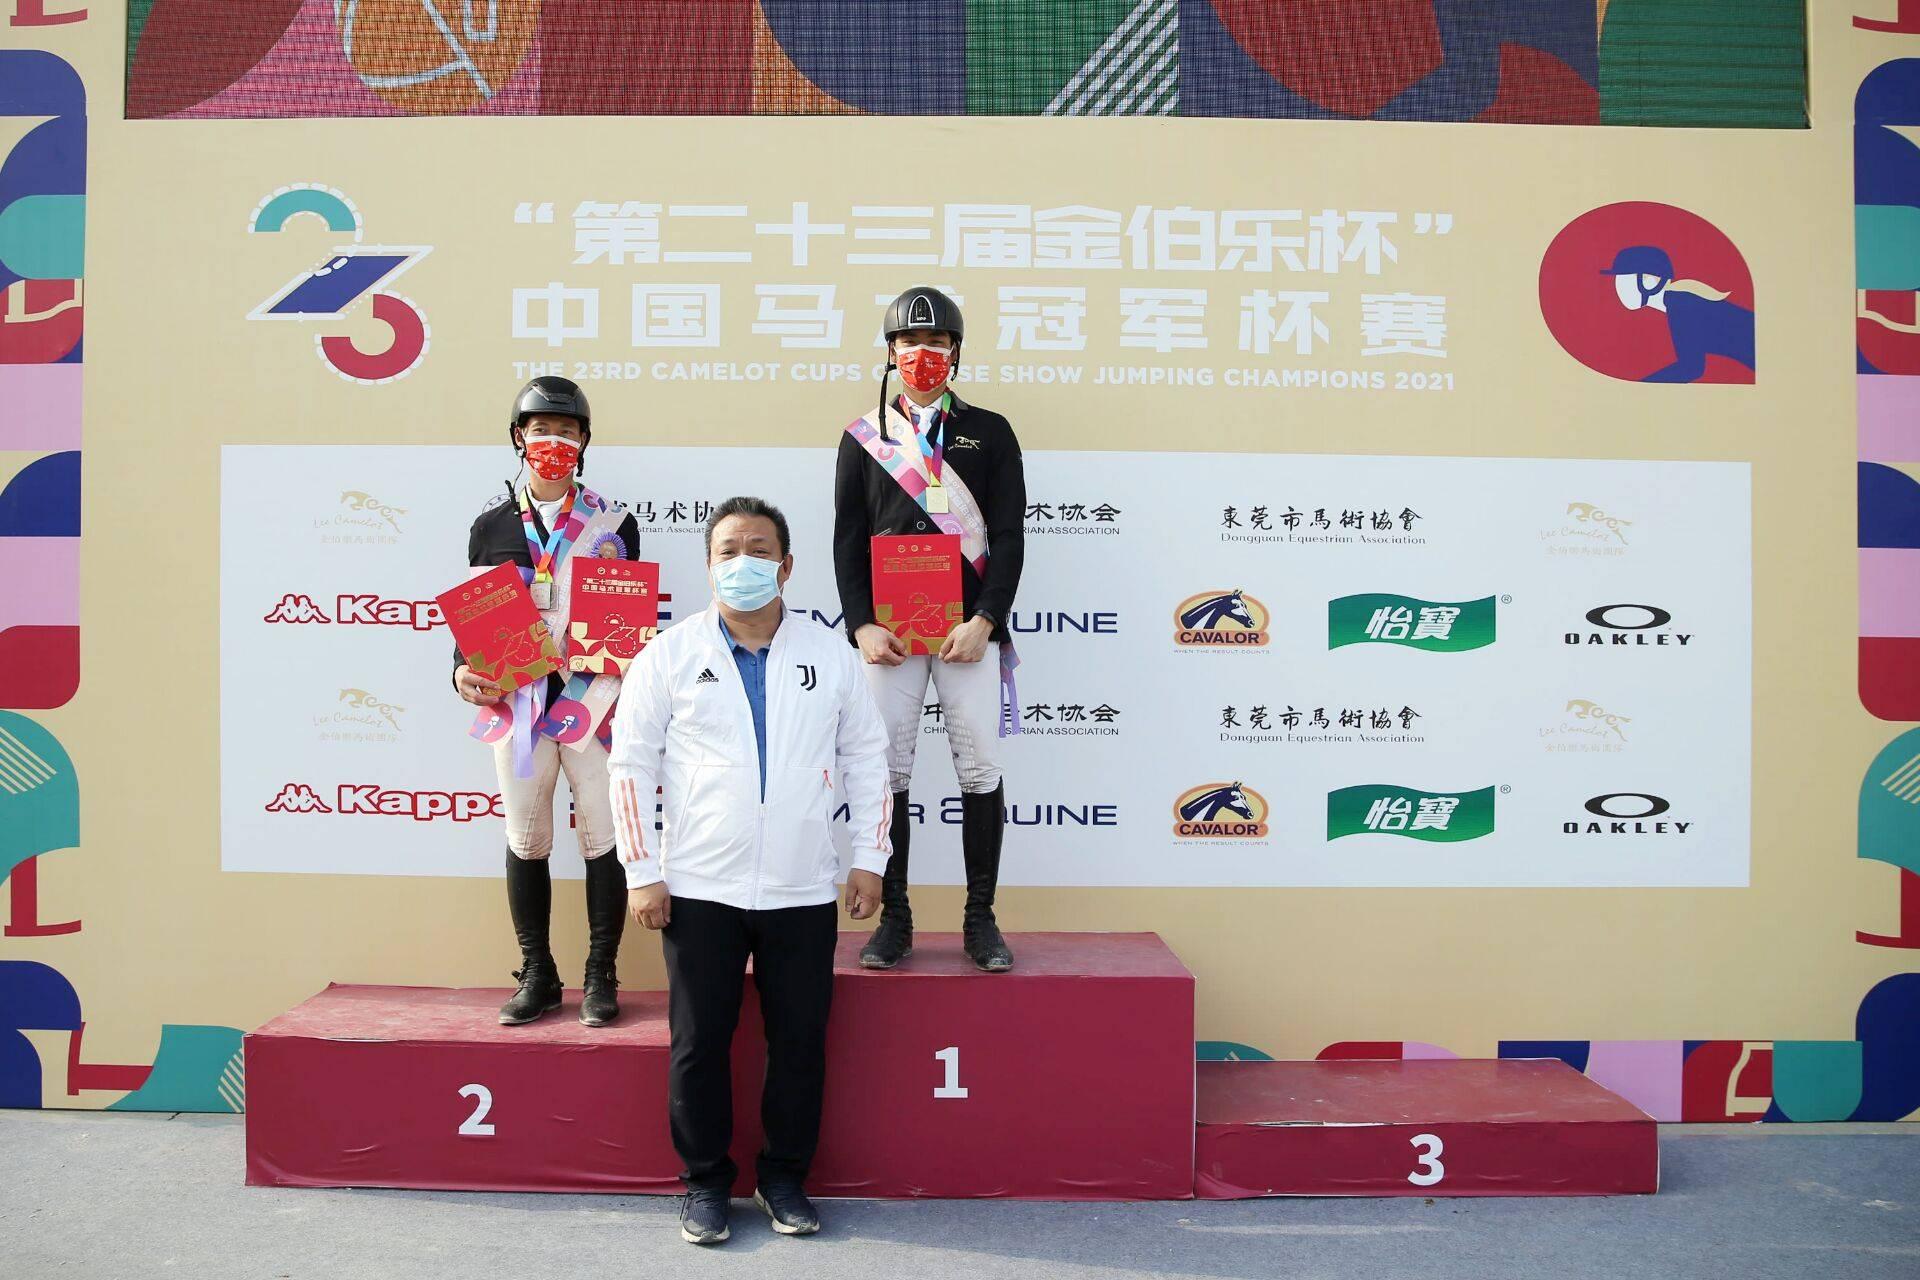 金伯乐中国马术冠军杯赛落幕 李耀锋1.40米挑战赛夺冠